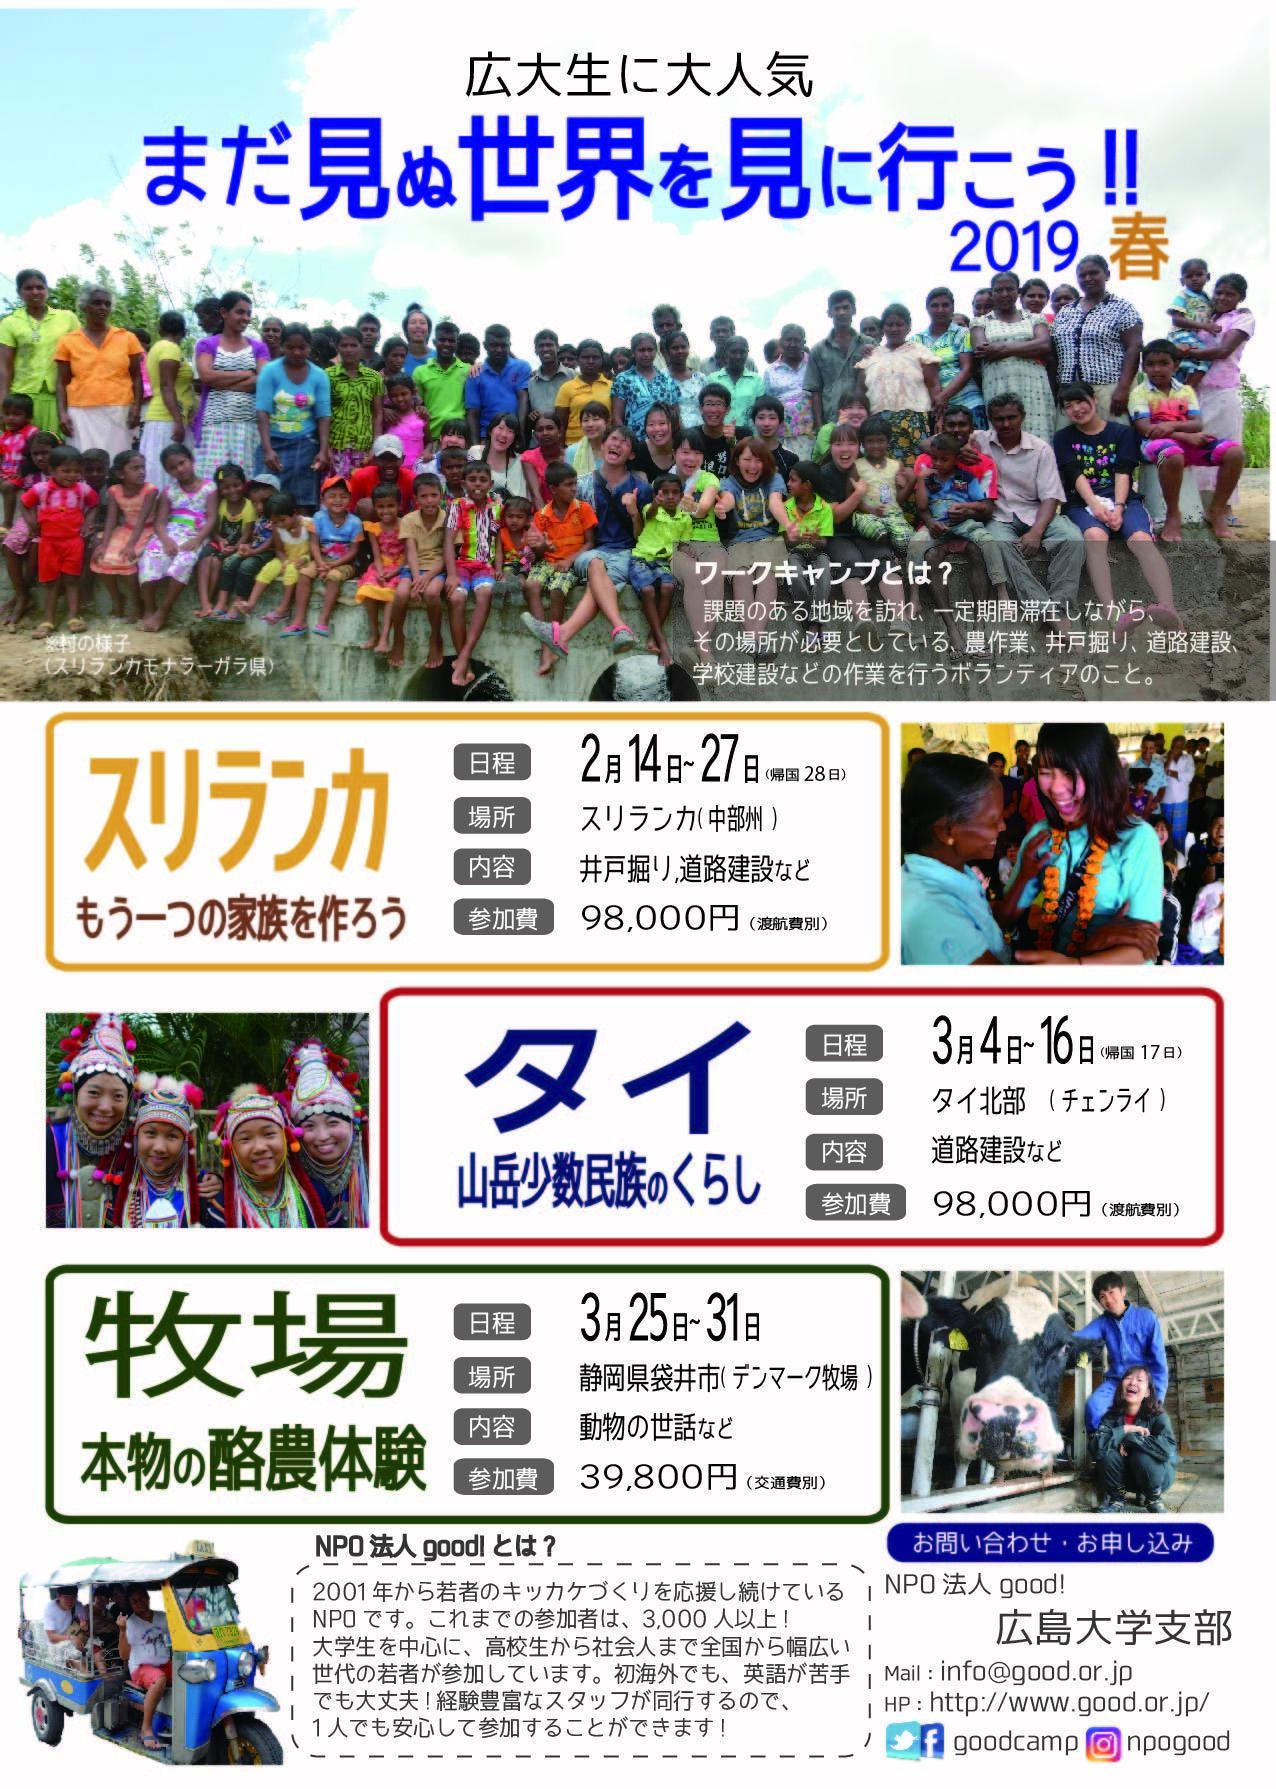 グッド2019春ワークキャンプ参加者募集【NPO法人グッド広大支部】